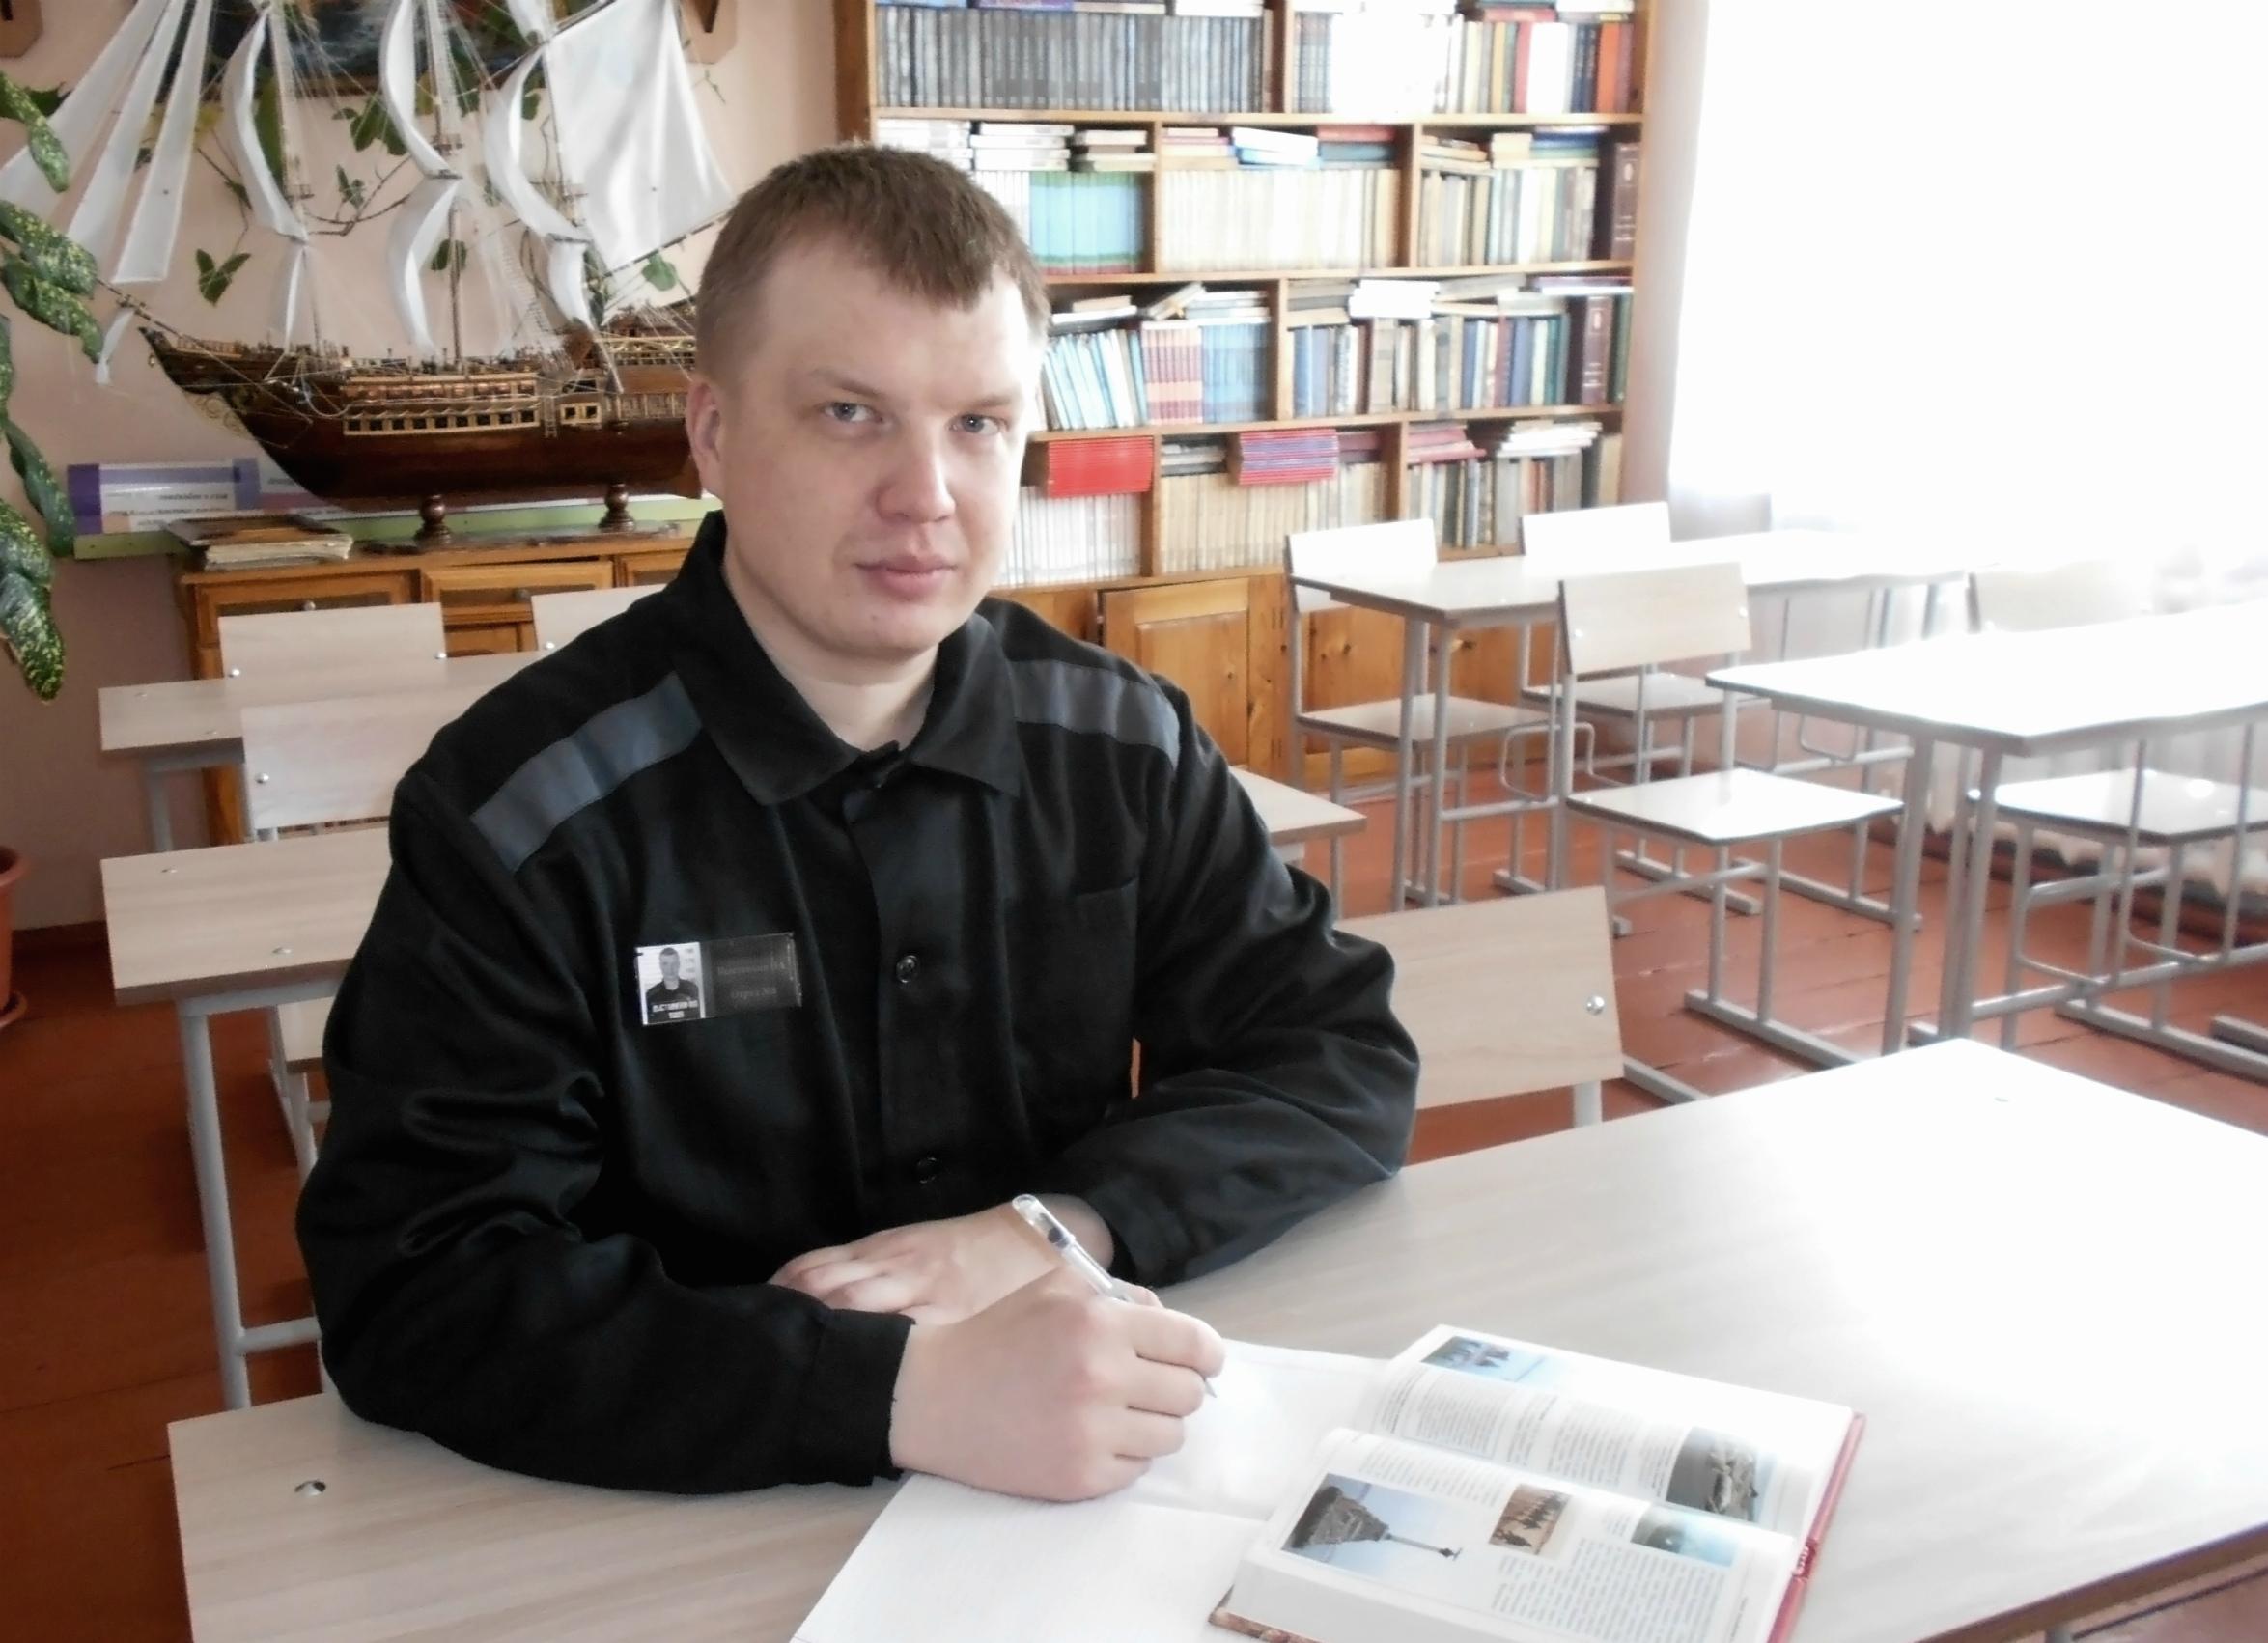 Осужденный из ЛИУ-1 УФСИН России по Алтайскому краю стал победителем международного конкурса «Расскажи миру о своей России»